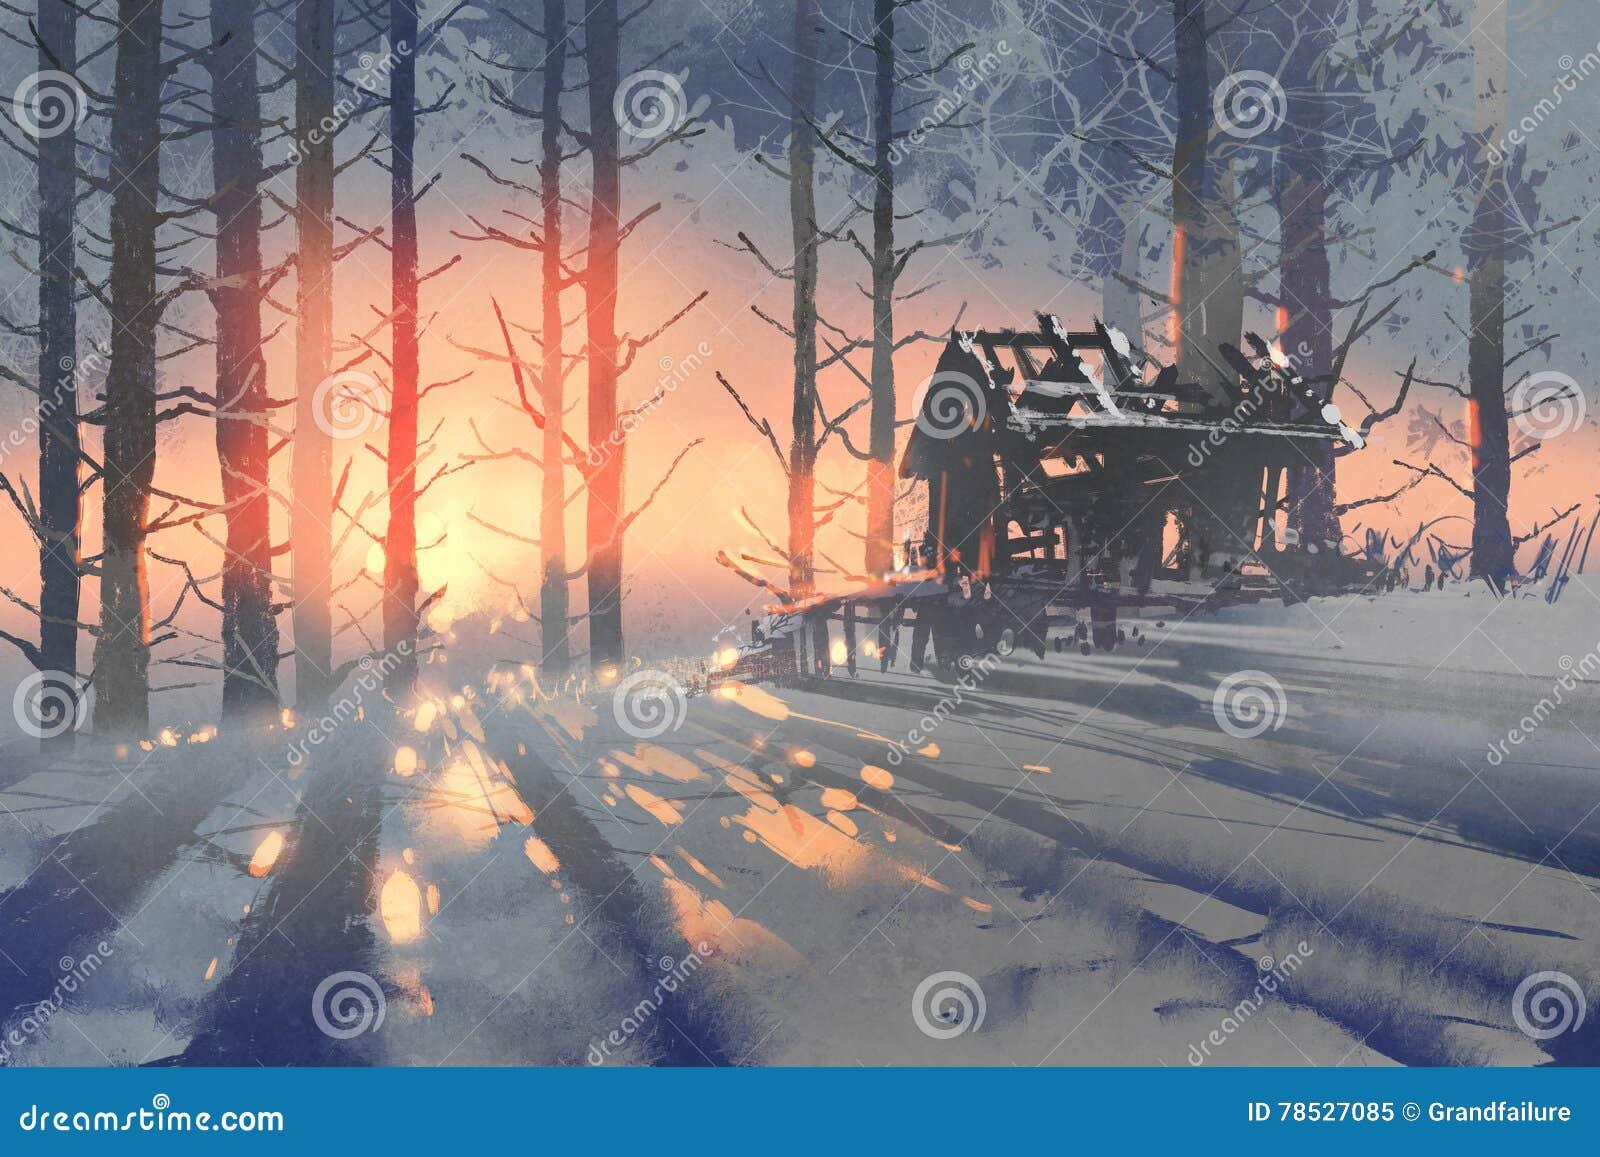 Χειμερινό τοπίο ενός εγκαταλειμμένου σπιτιού στο δάσος